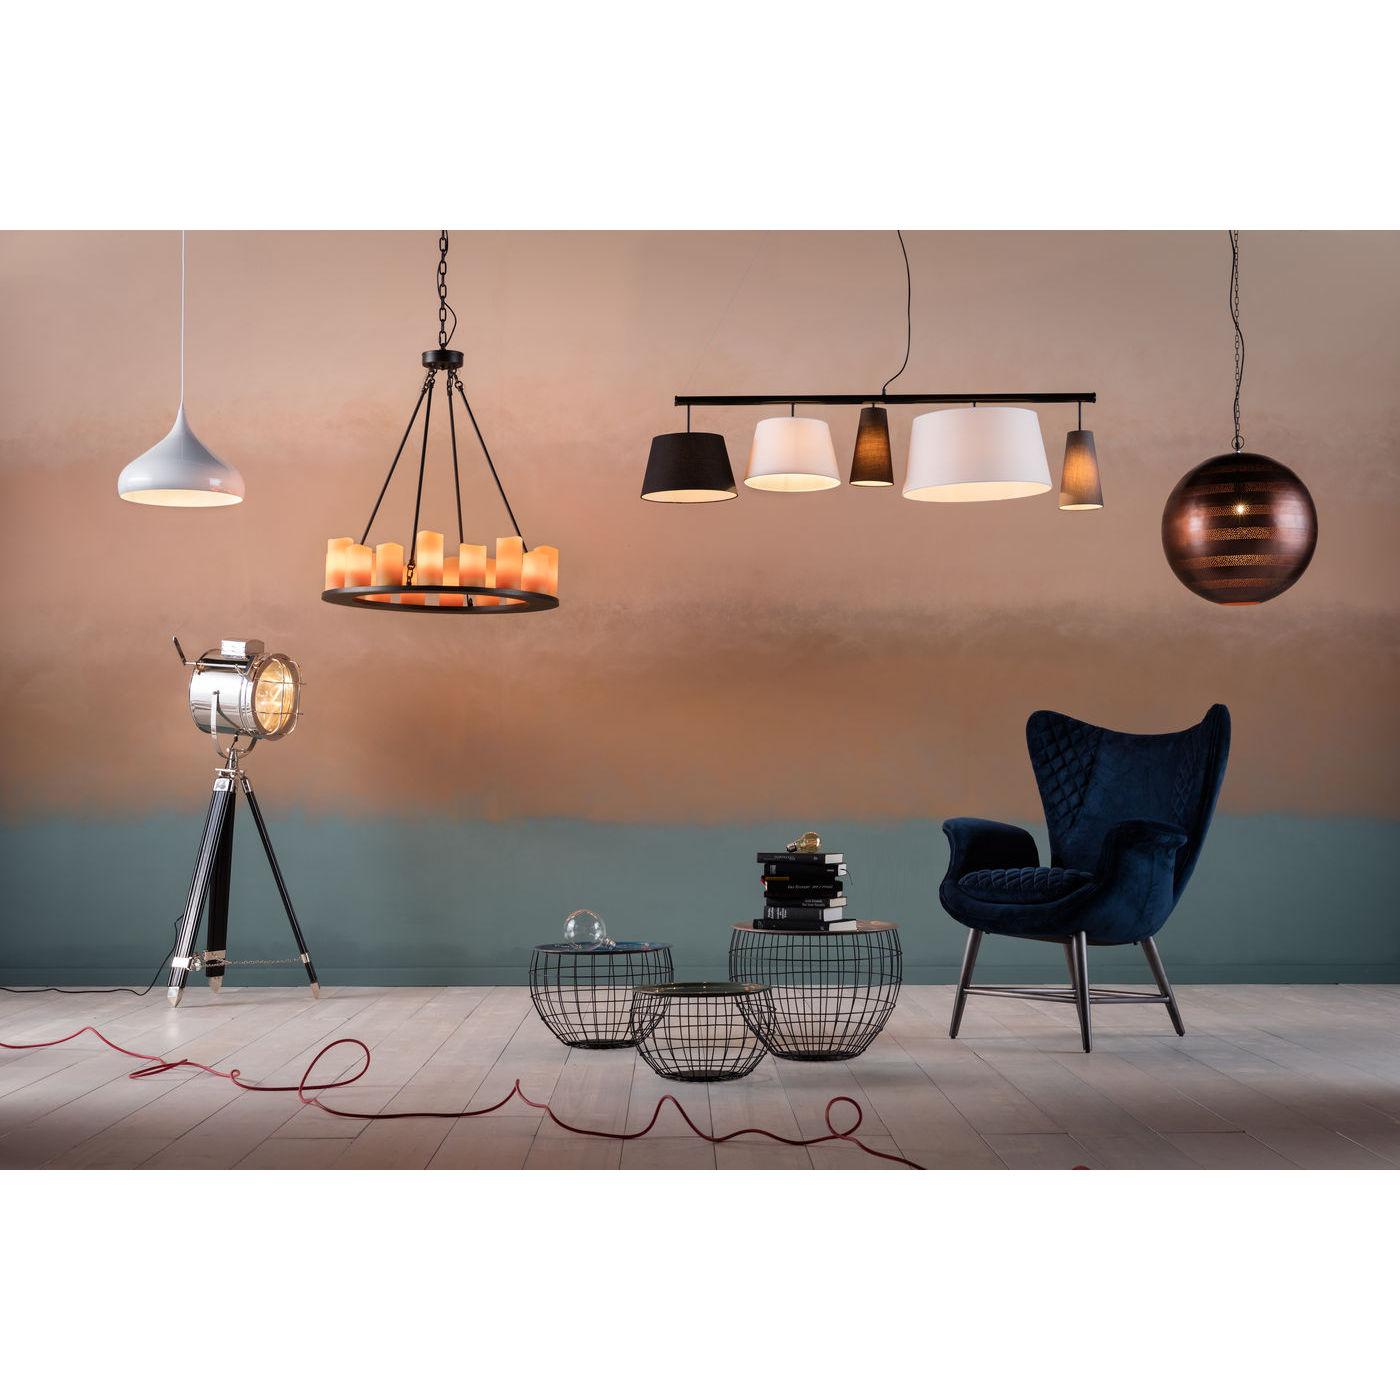 loftslampe candle light round ligner stearinlys praktisk. Black Bedroom Furniture Sets. Home Design Ideas